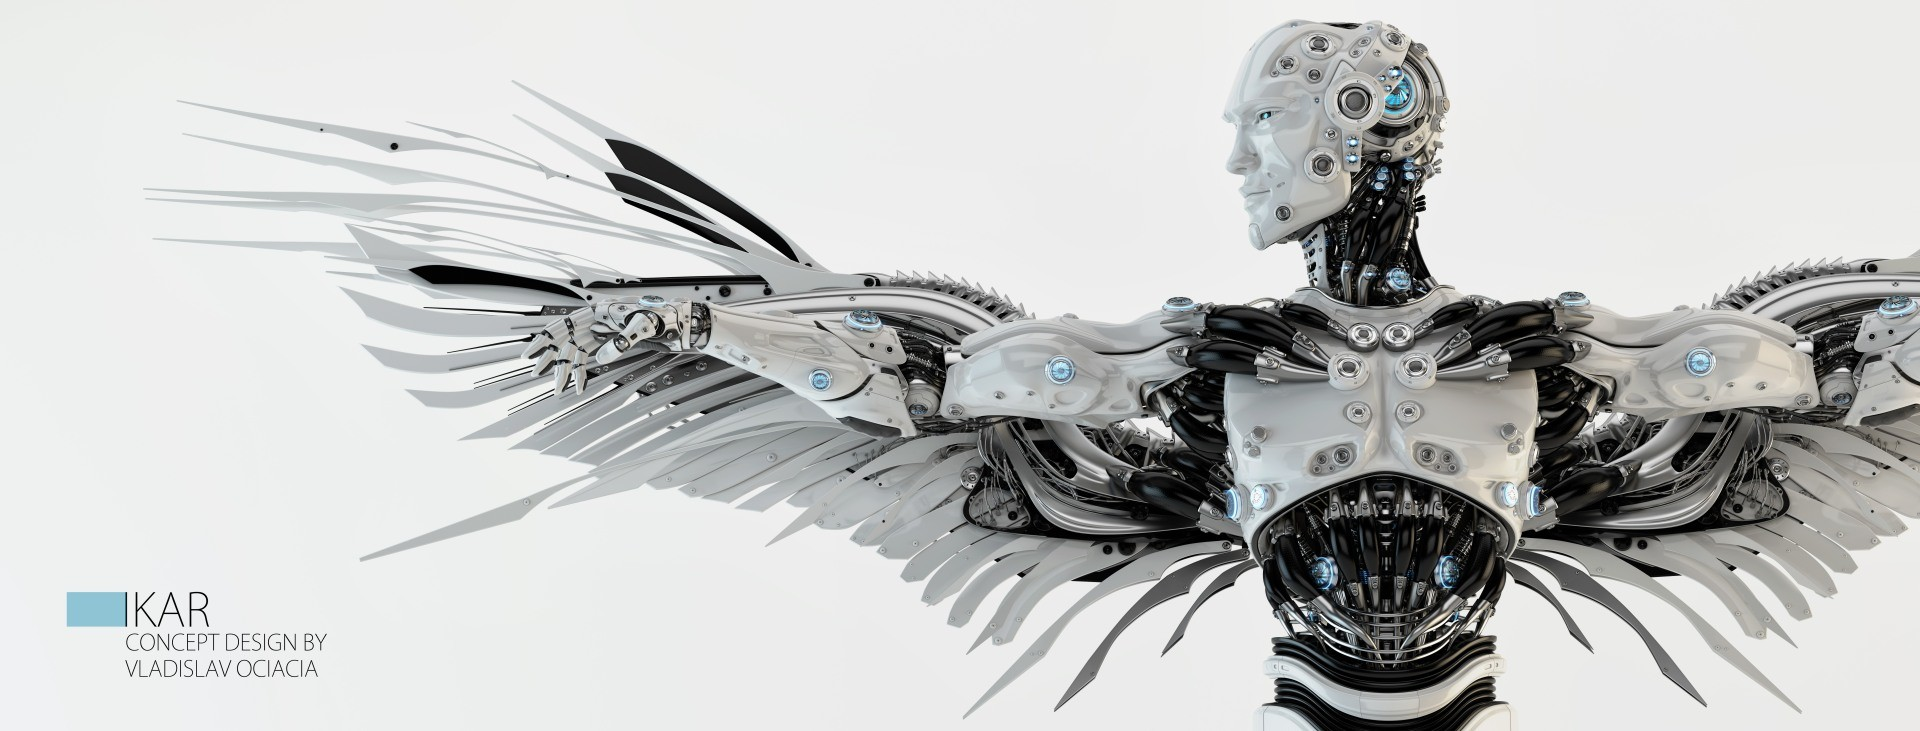 Vladislav ociacia robot ikar 1